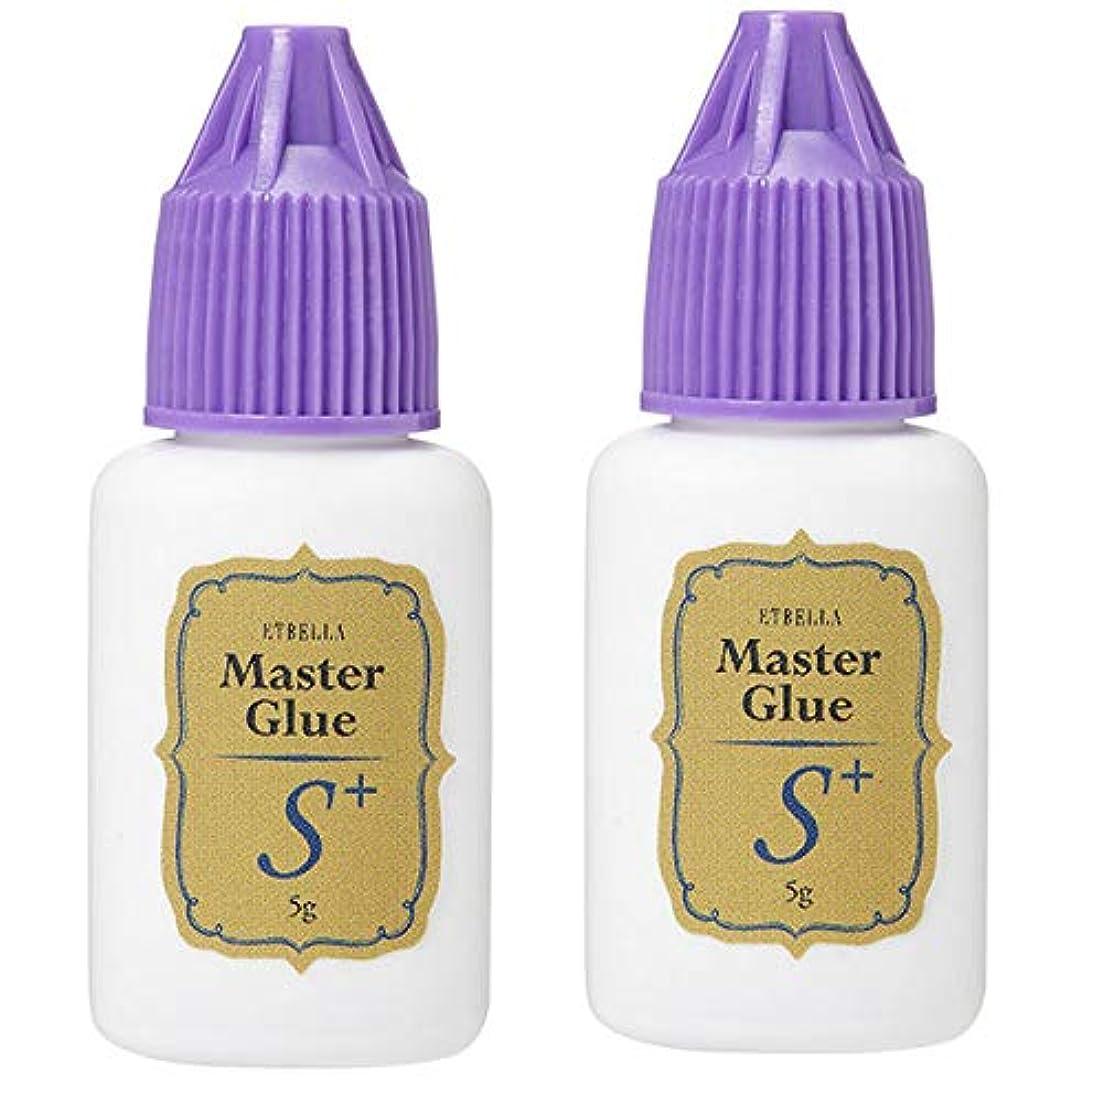 関係するのため五エトゥベラ マスター S+タイプ グルー 5g (2個セット) [ まつ毛グルー マツエクグルー つけまつげ つけまつ毛 接着剤 高持続 速乾 まつげエクステ まつ毛エクステ マツエク エクステ まつげ まつ毛 業務用 ]